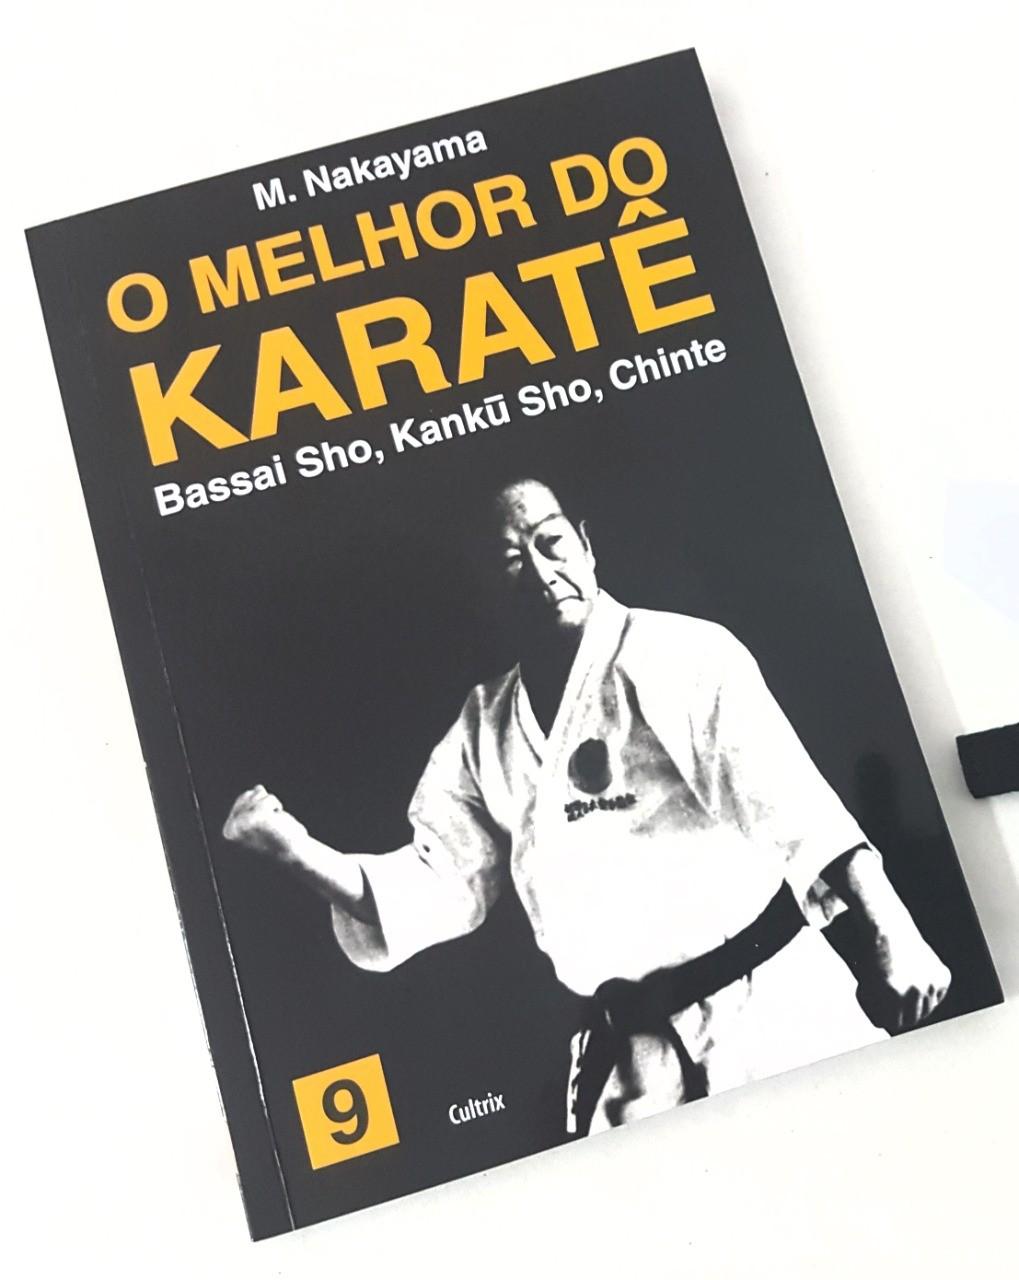 Livro Melhor do Karate Volume 9 - Bassai Sho, Kanku Sho e Chinte